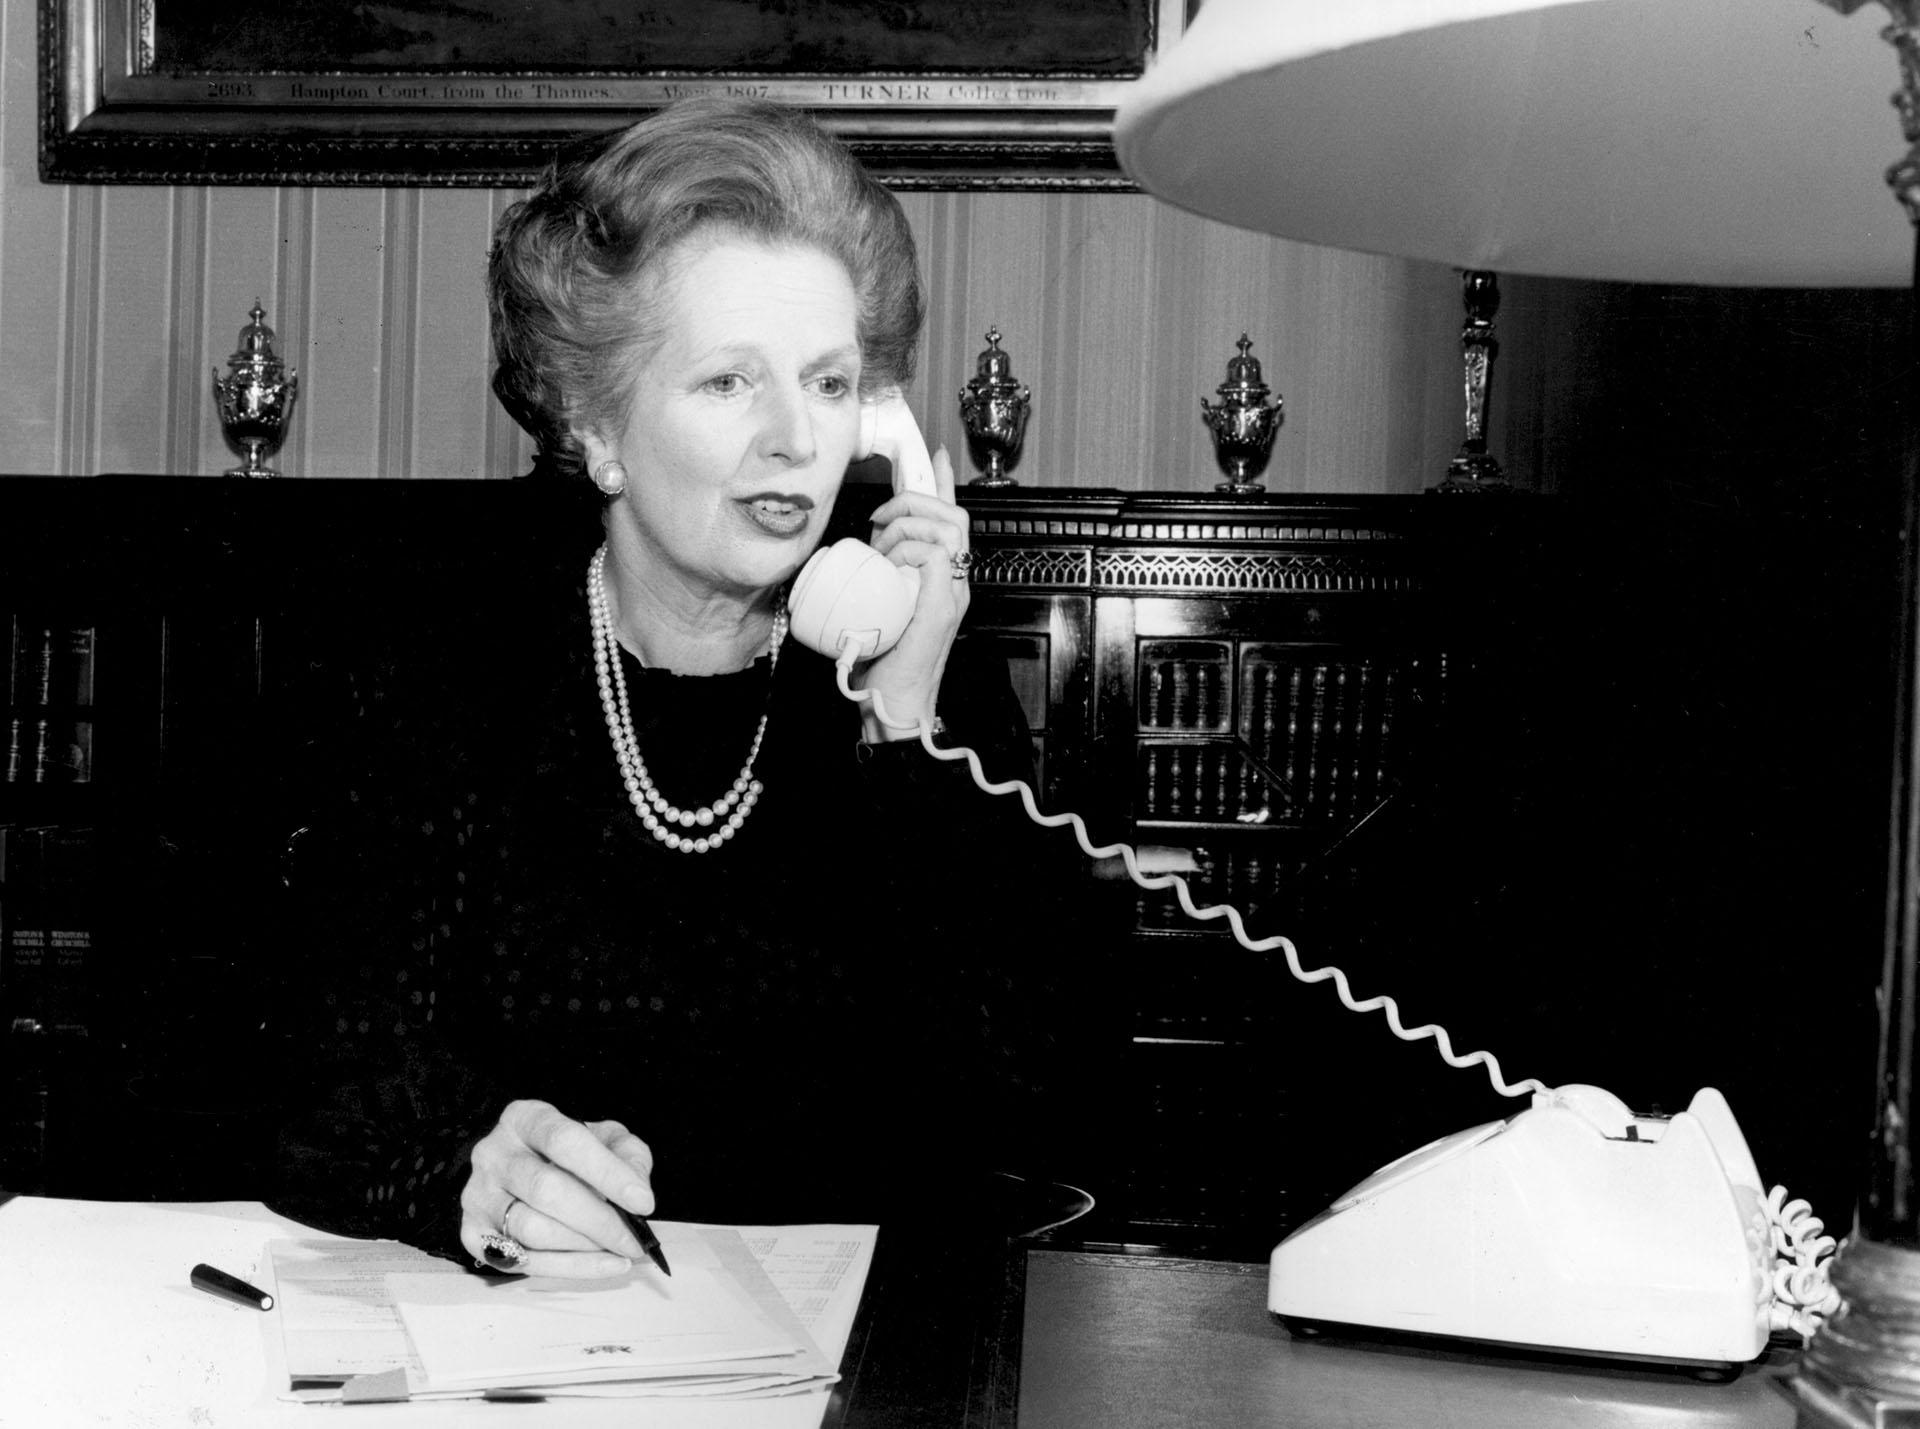 La conferencia de Margaret Thatcher en Westminster College es profética, opinó Kissinger, sobre los problemas políticos de hoy. (Foto deKeystone/Getty Images)